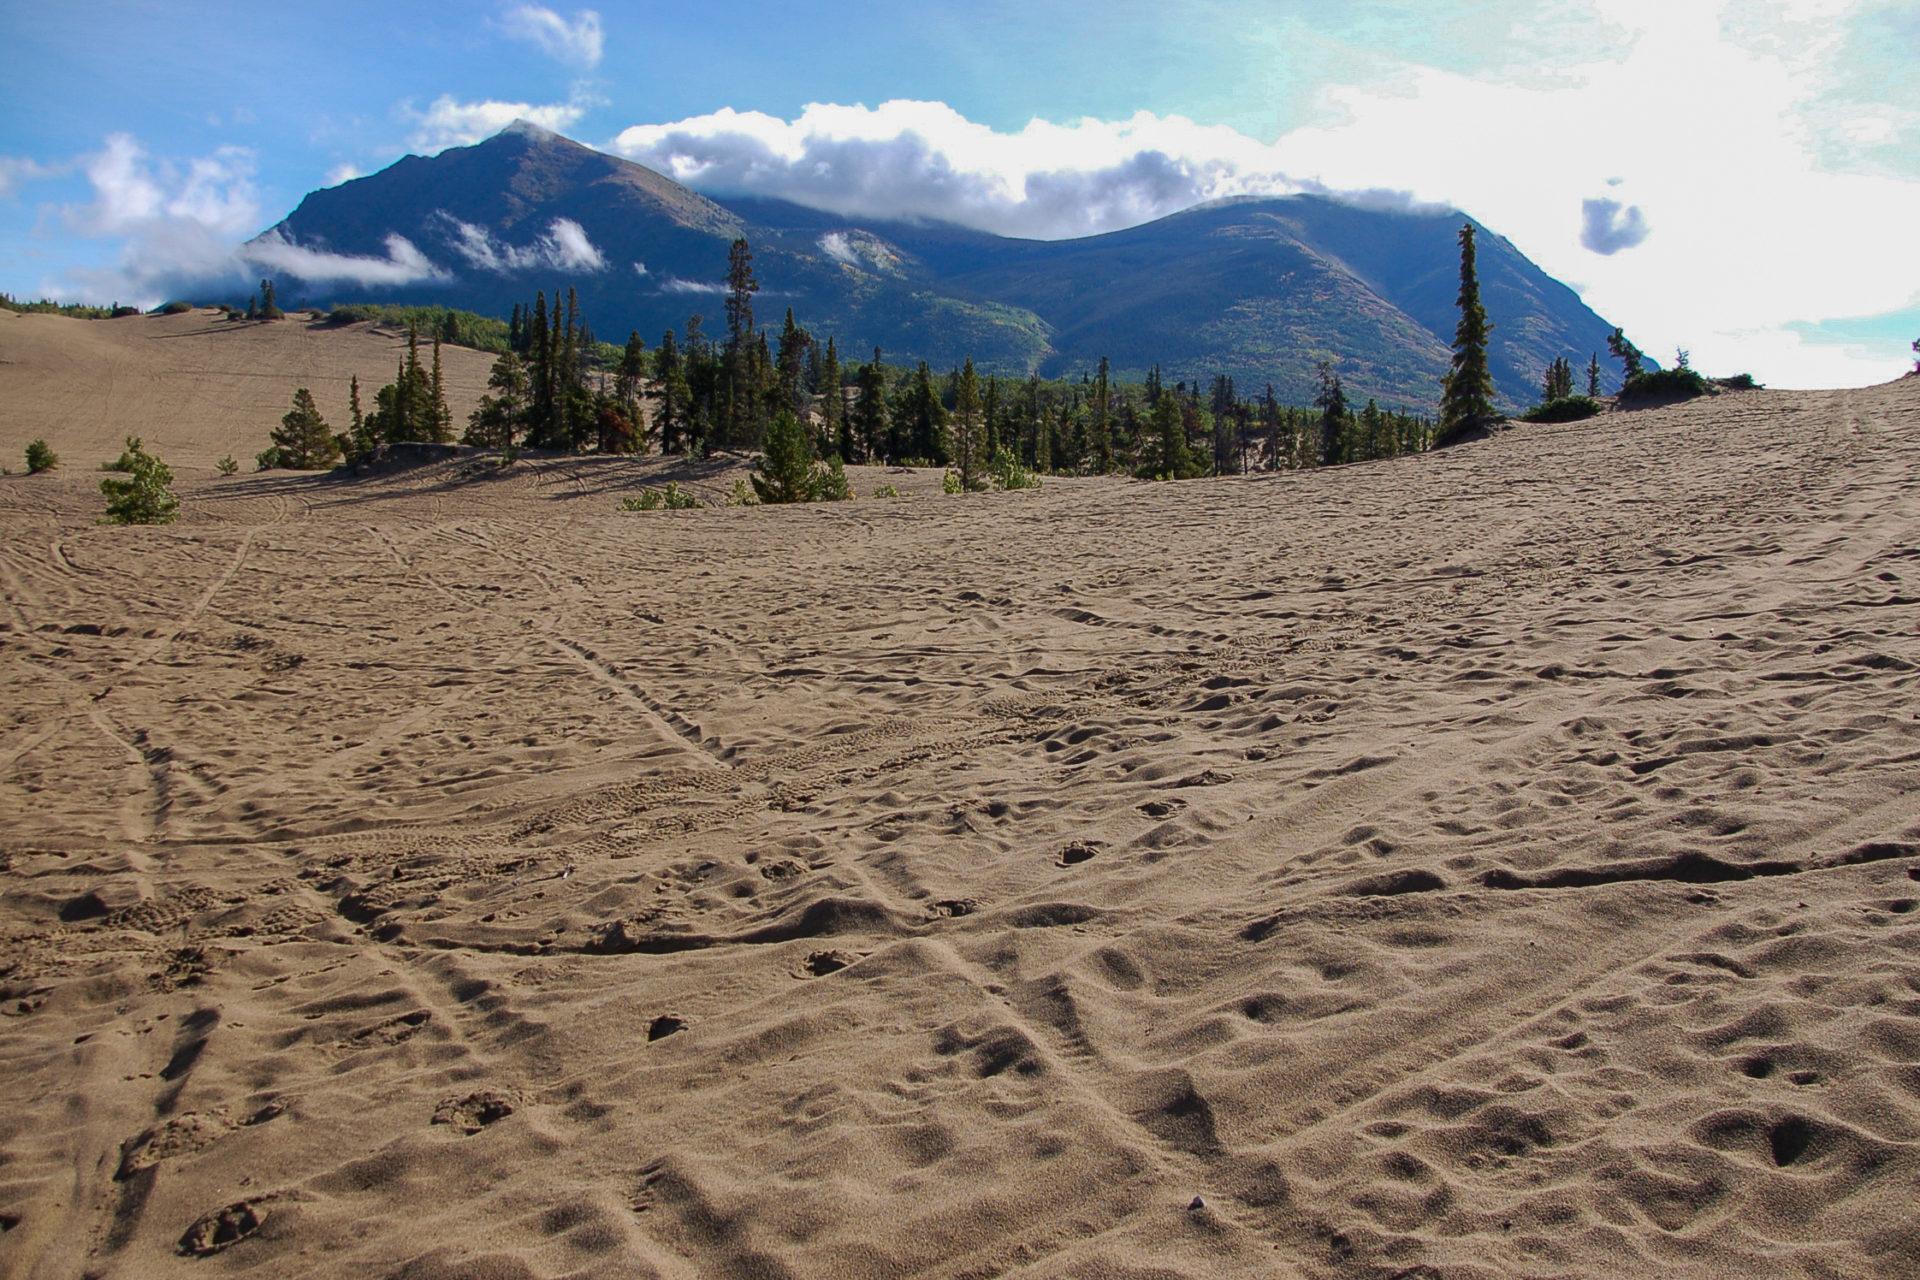 Carcross Desert im kanadischen Yukon gilt als kleinste Wüste der Welt